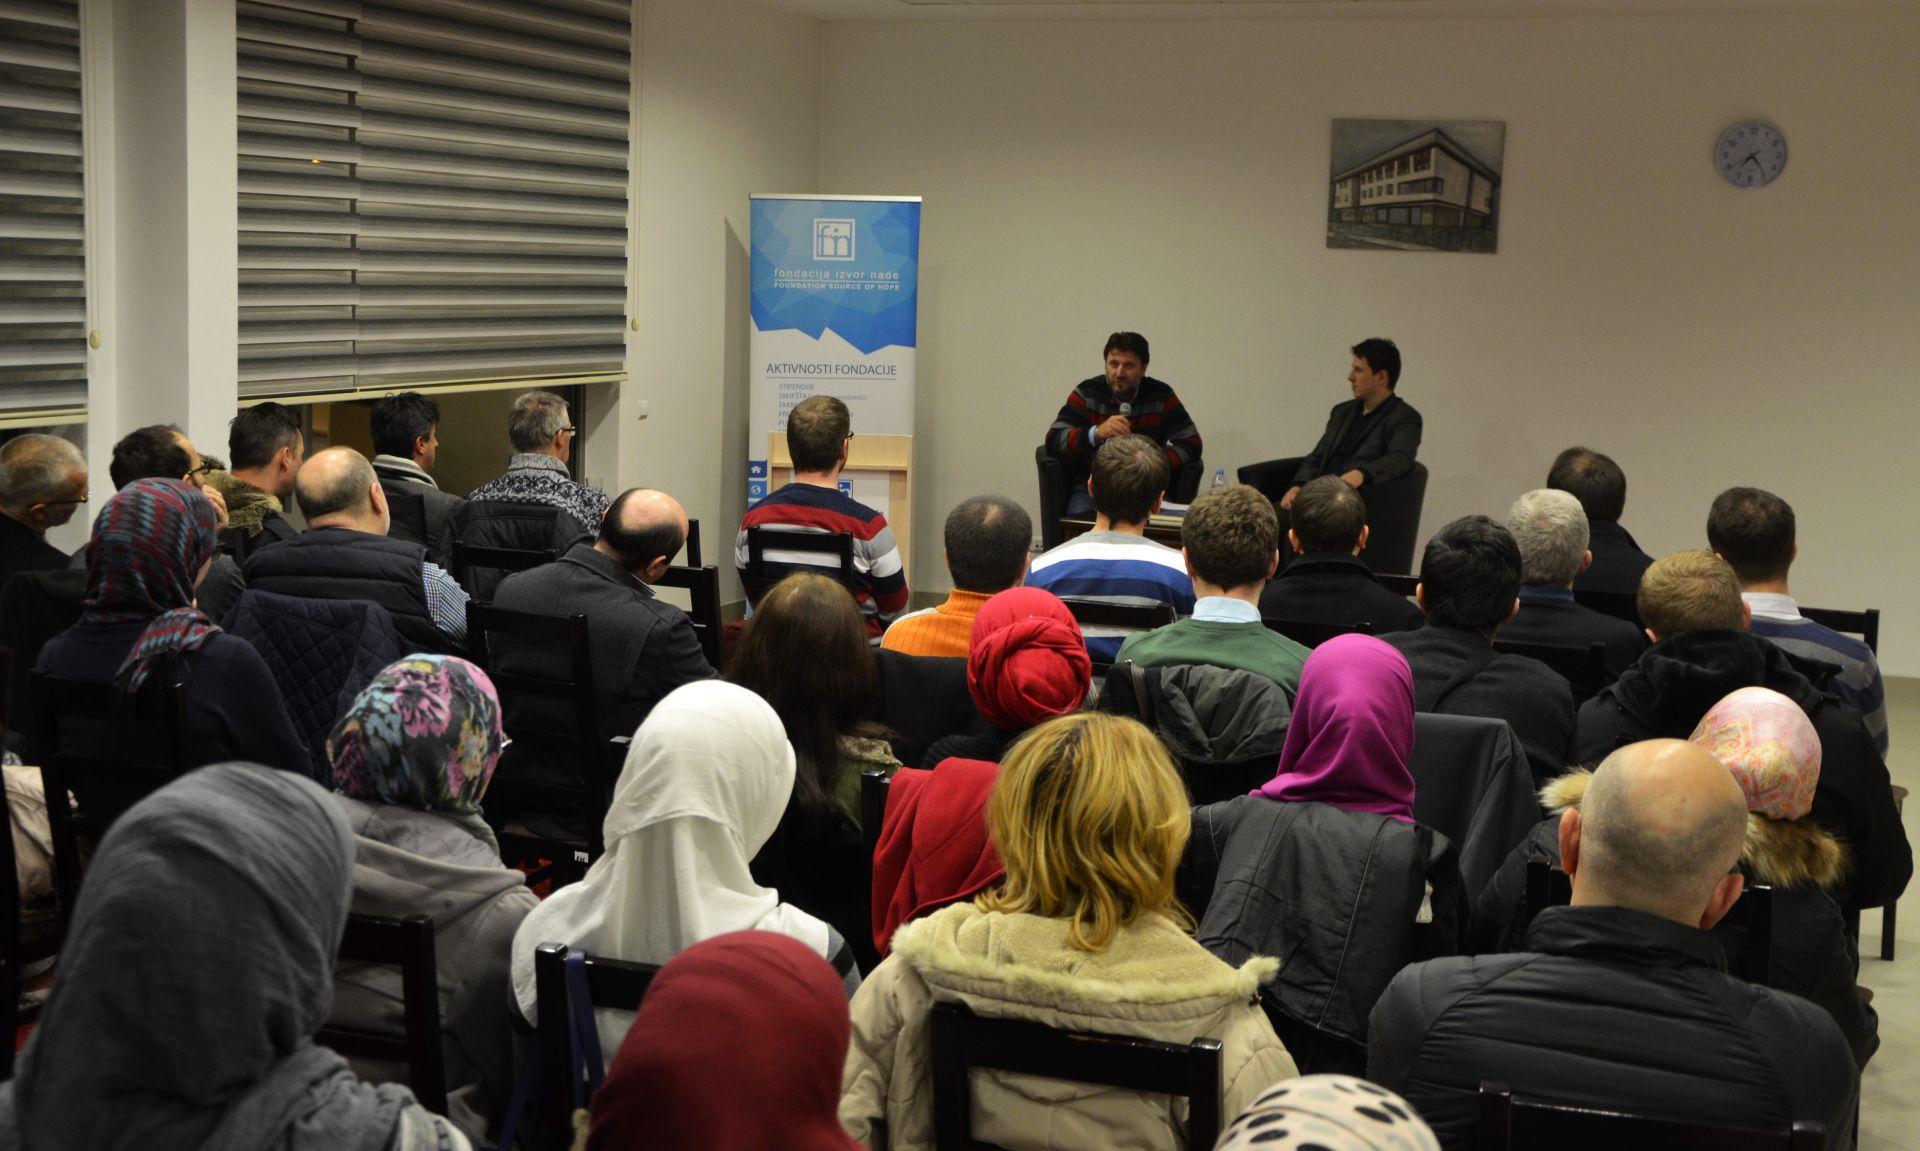 Elharun Selimovic, predavanje u Studentskom domu Izvor nade, 27.12.2016.